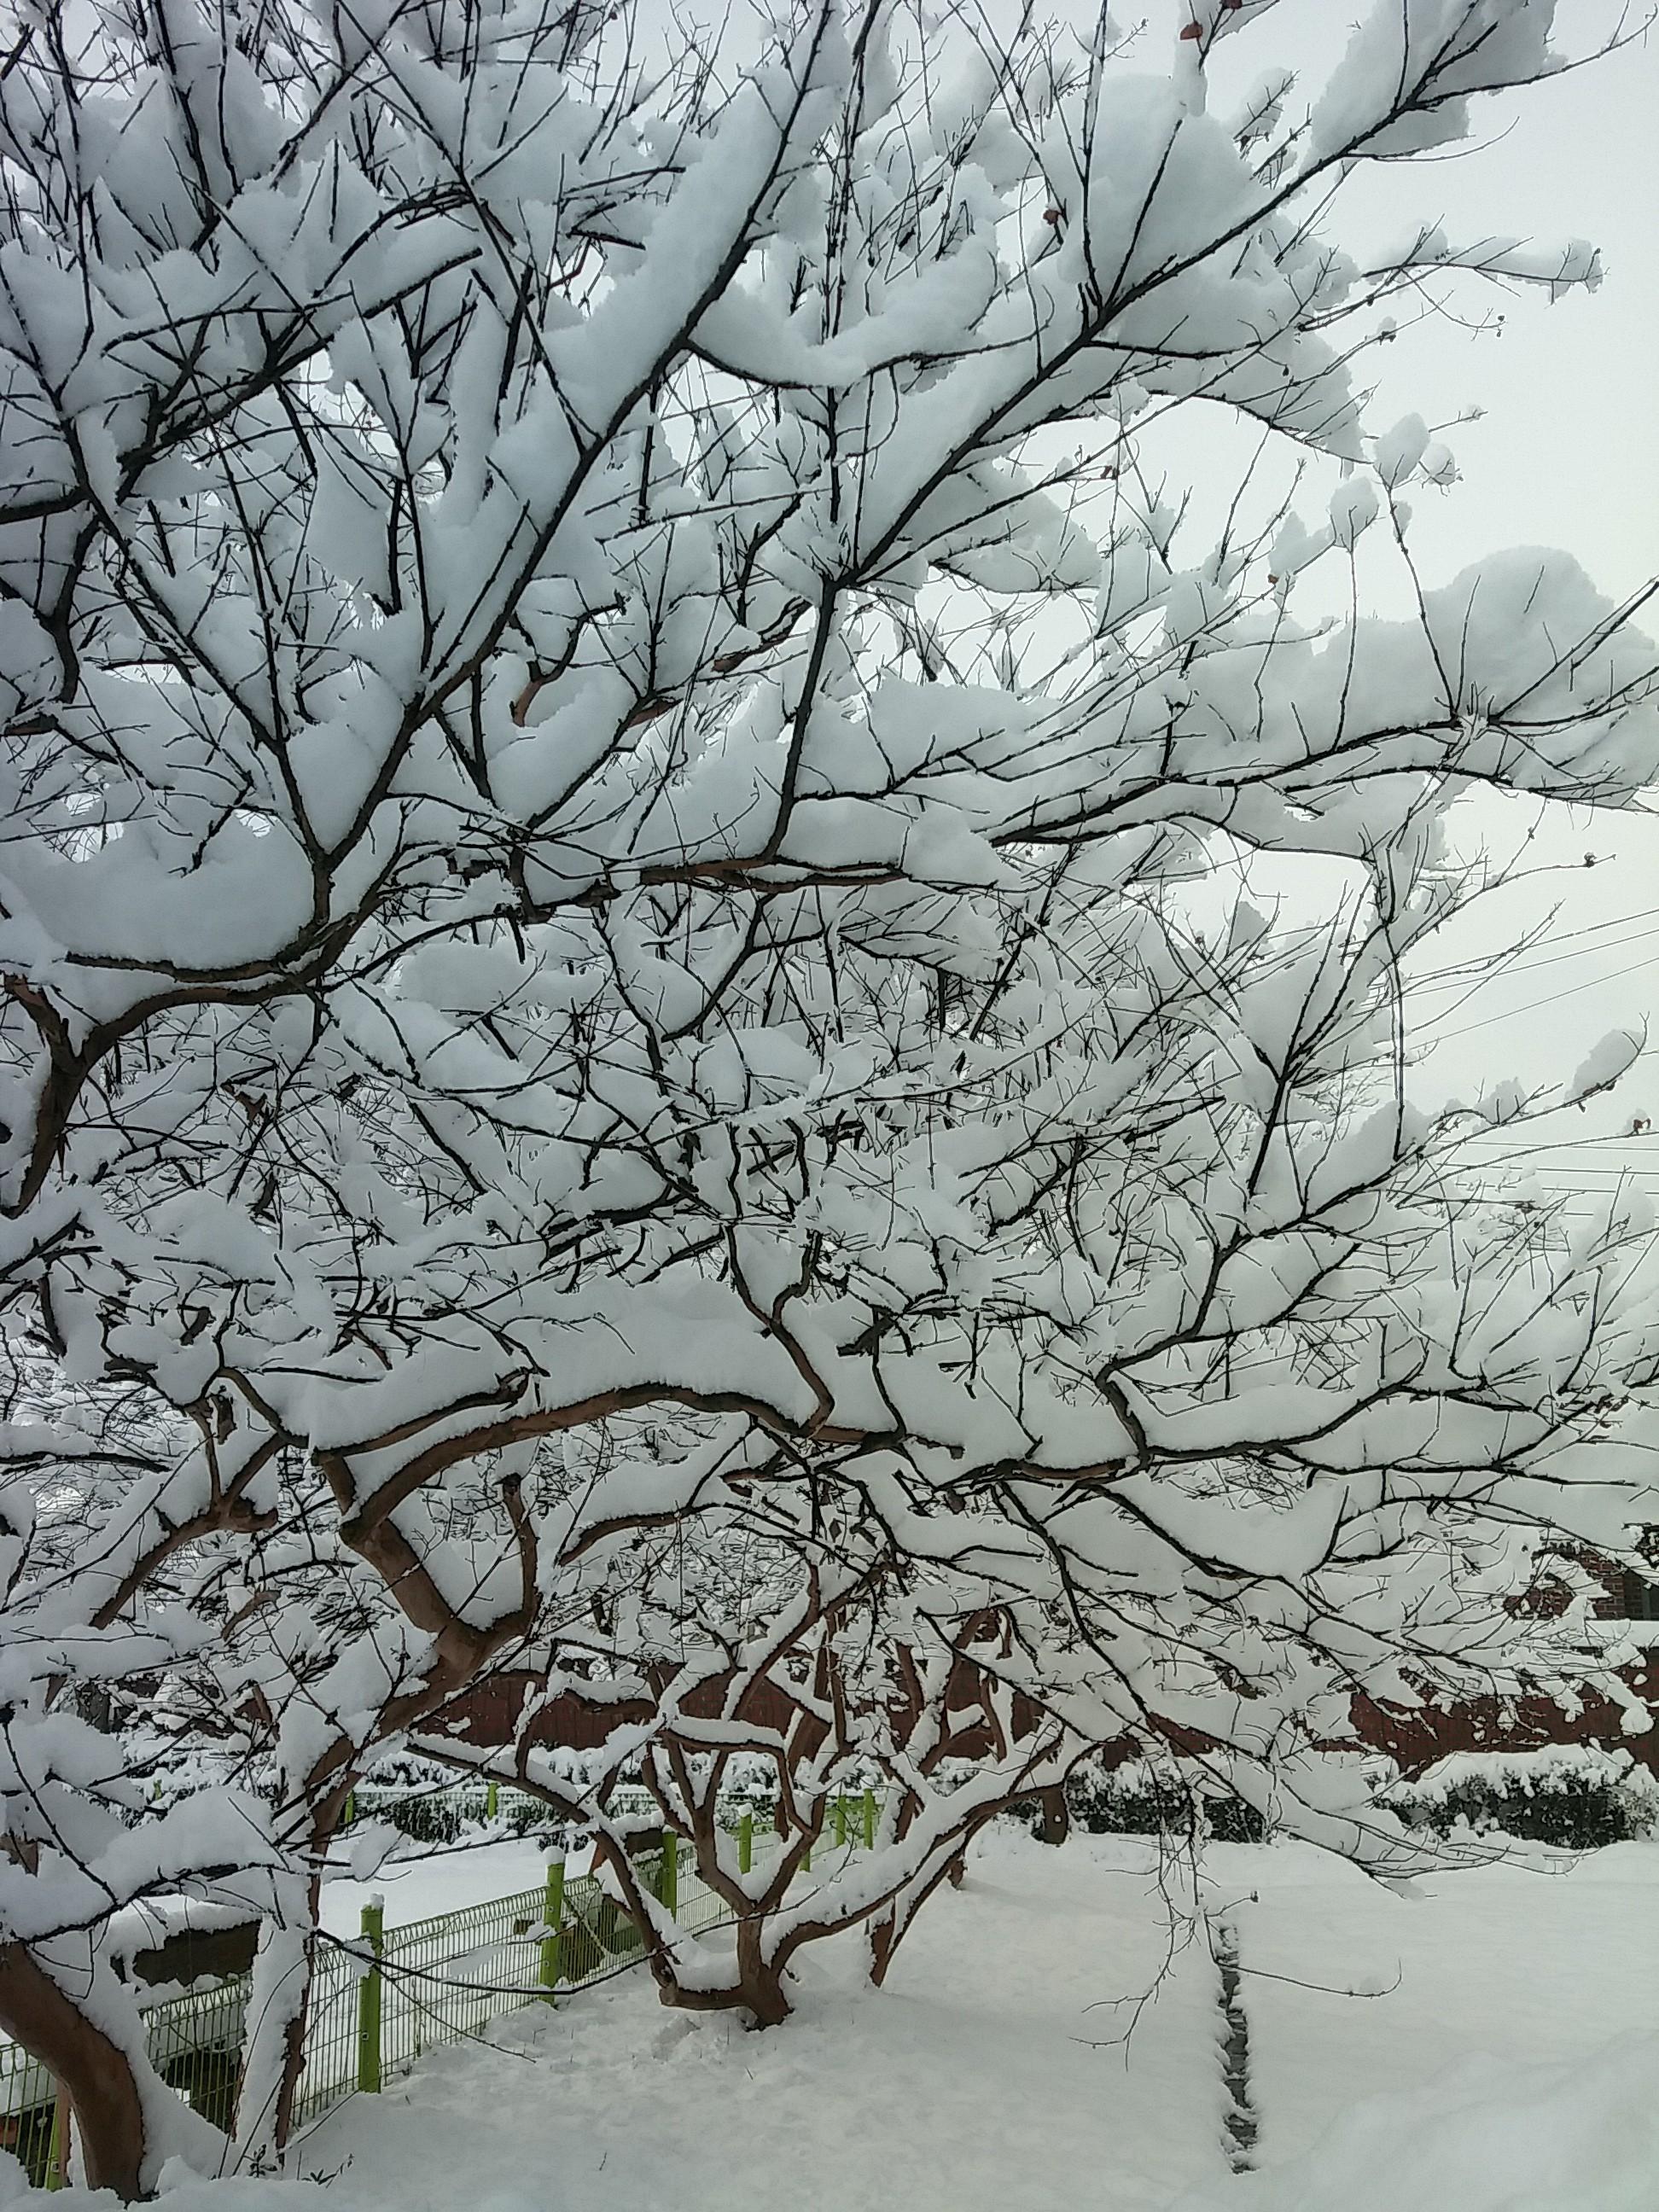 진짜 겨울이 온 듯